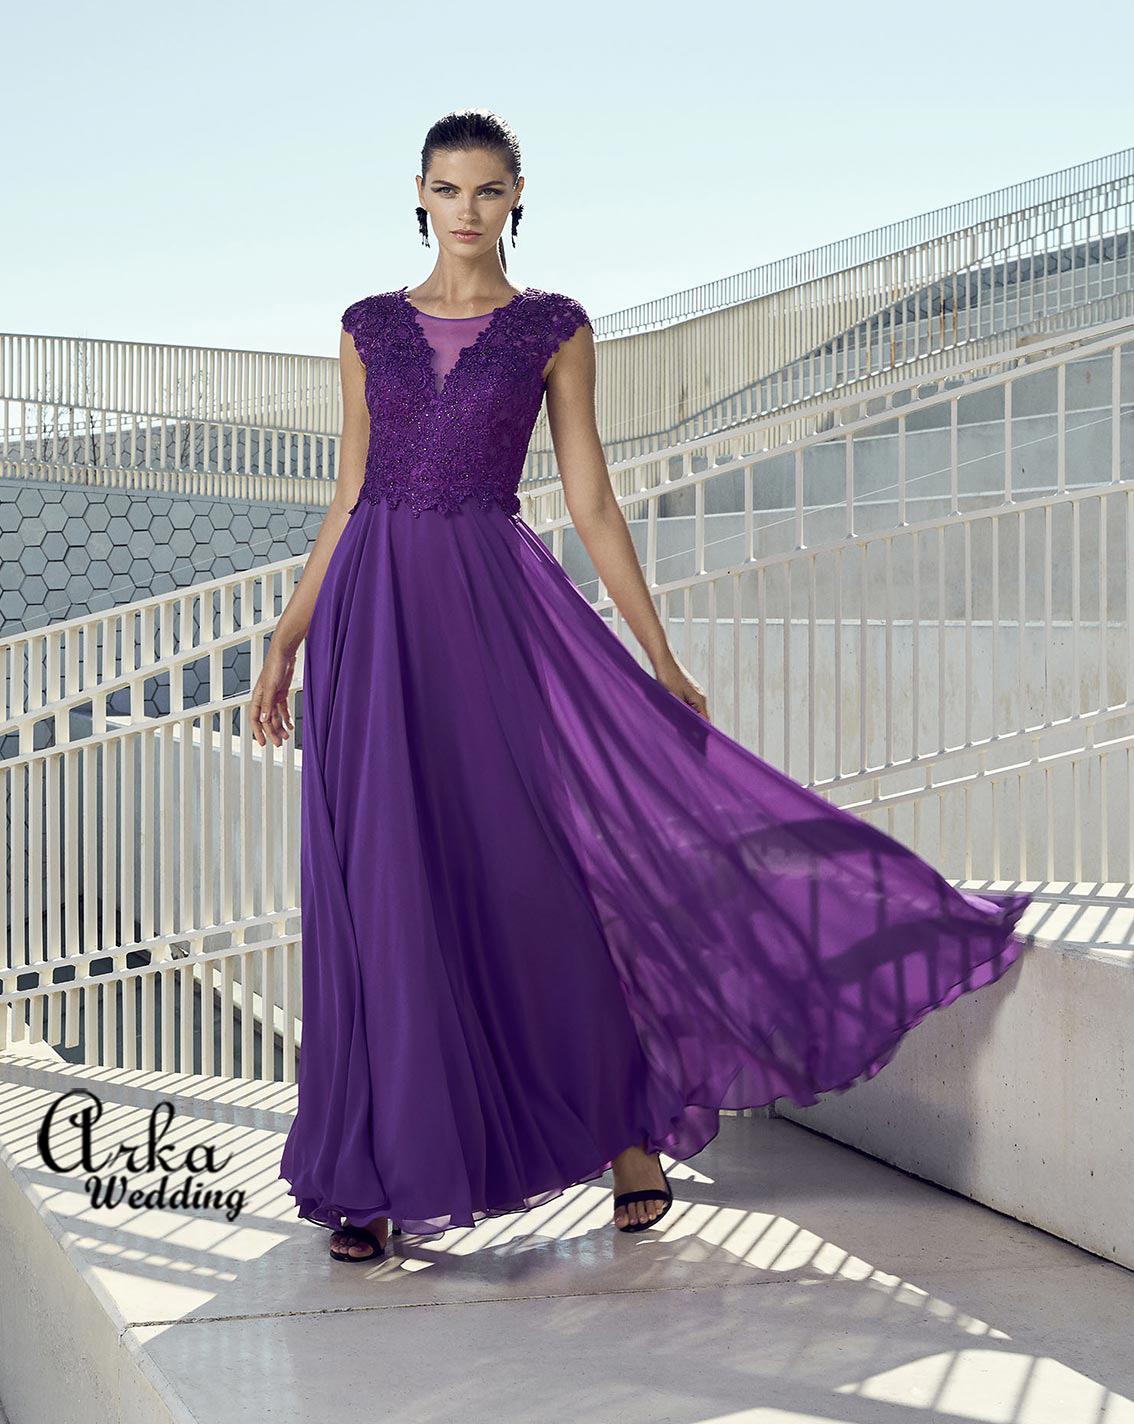 Βραδινό Φόρεμα Chiffon και Δαντέλα Κεντημένη. Κωδ. 95469